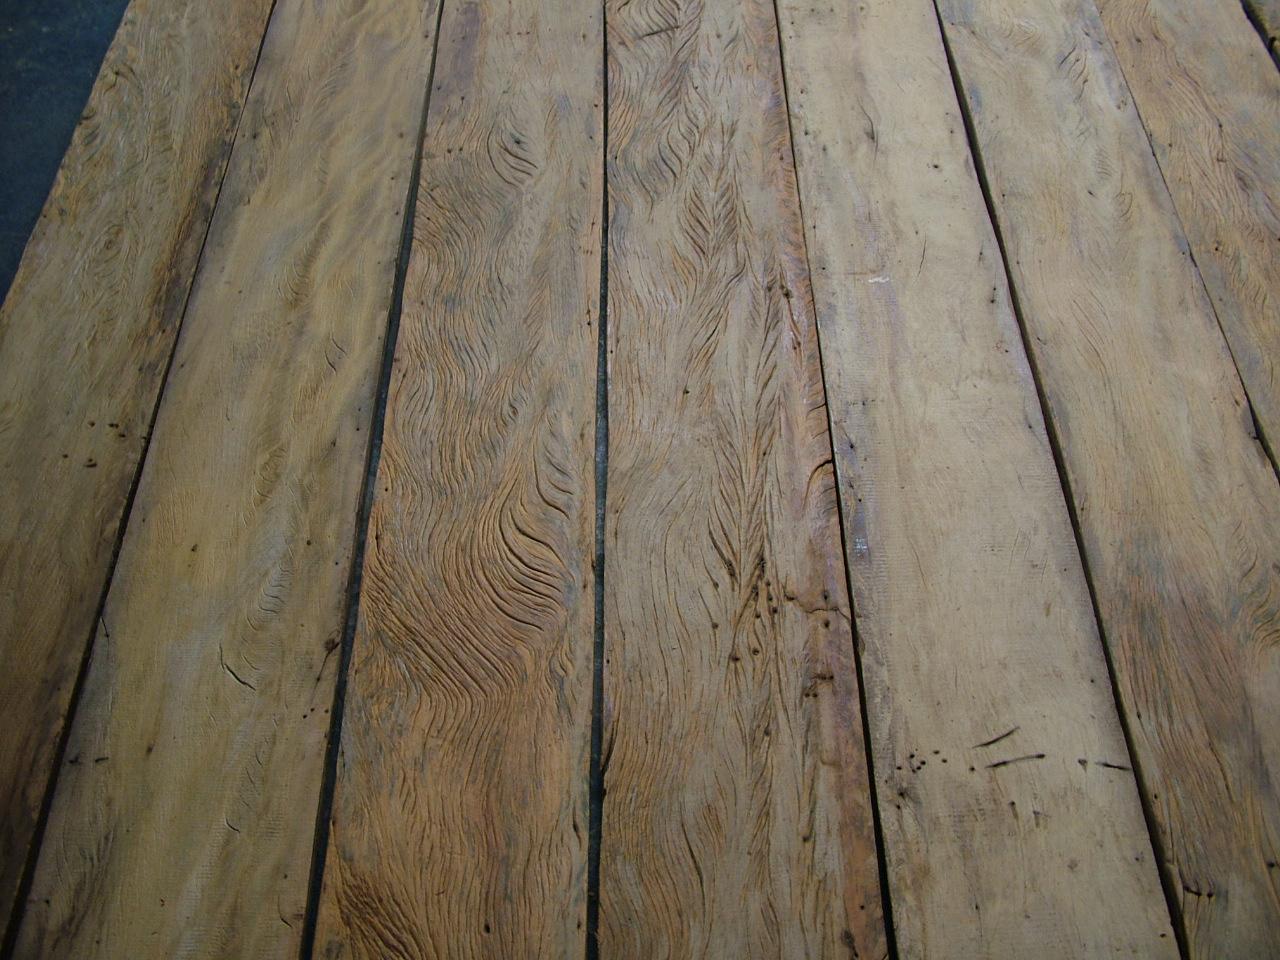 madeira de demolição peroba rosa de demolição madeira de demolicao #5F4F39 1280x960